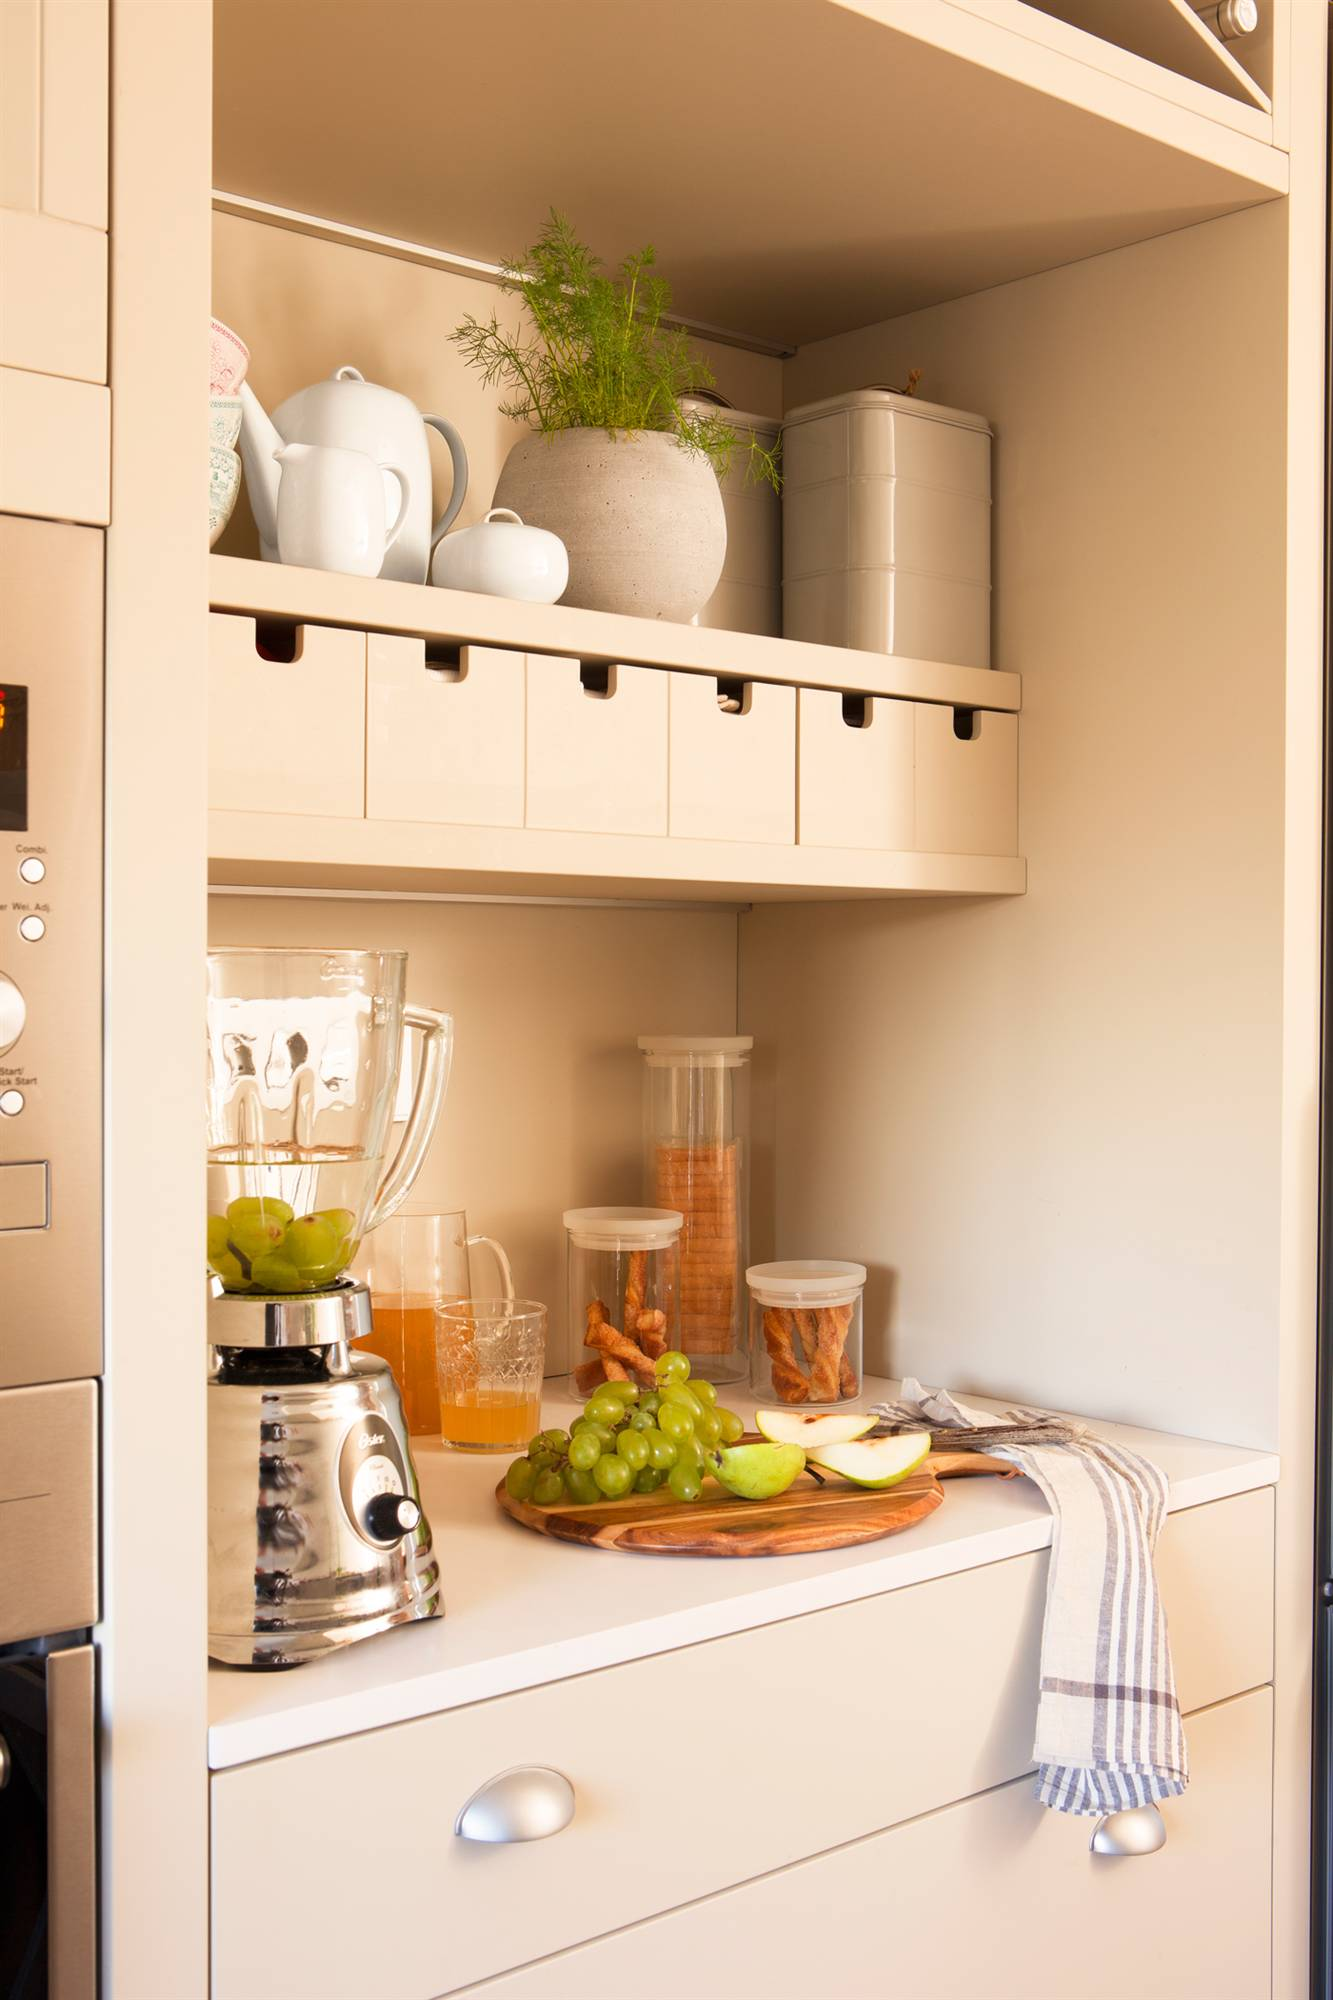 Una cocina peque a con mucho orden y un office for Muebles de cocina zona pilar